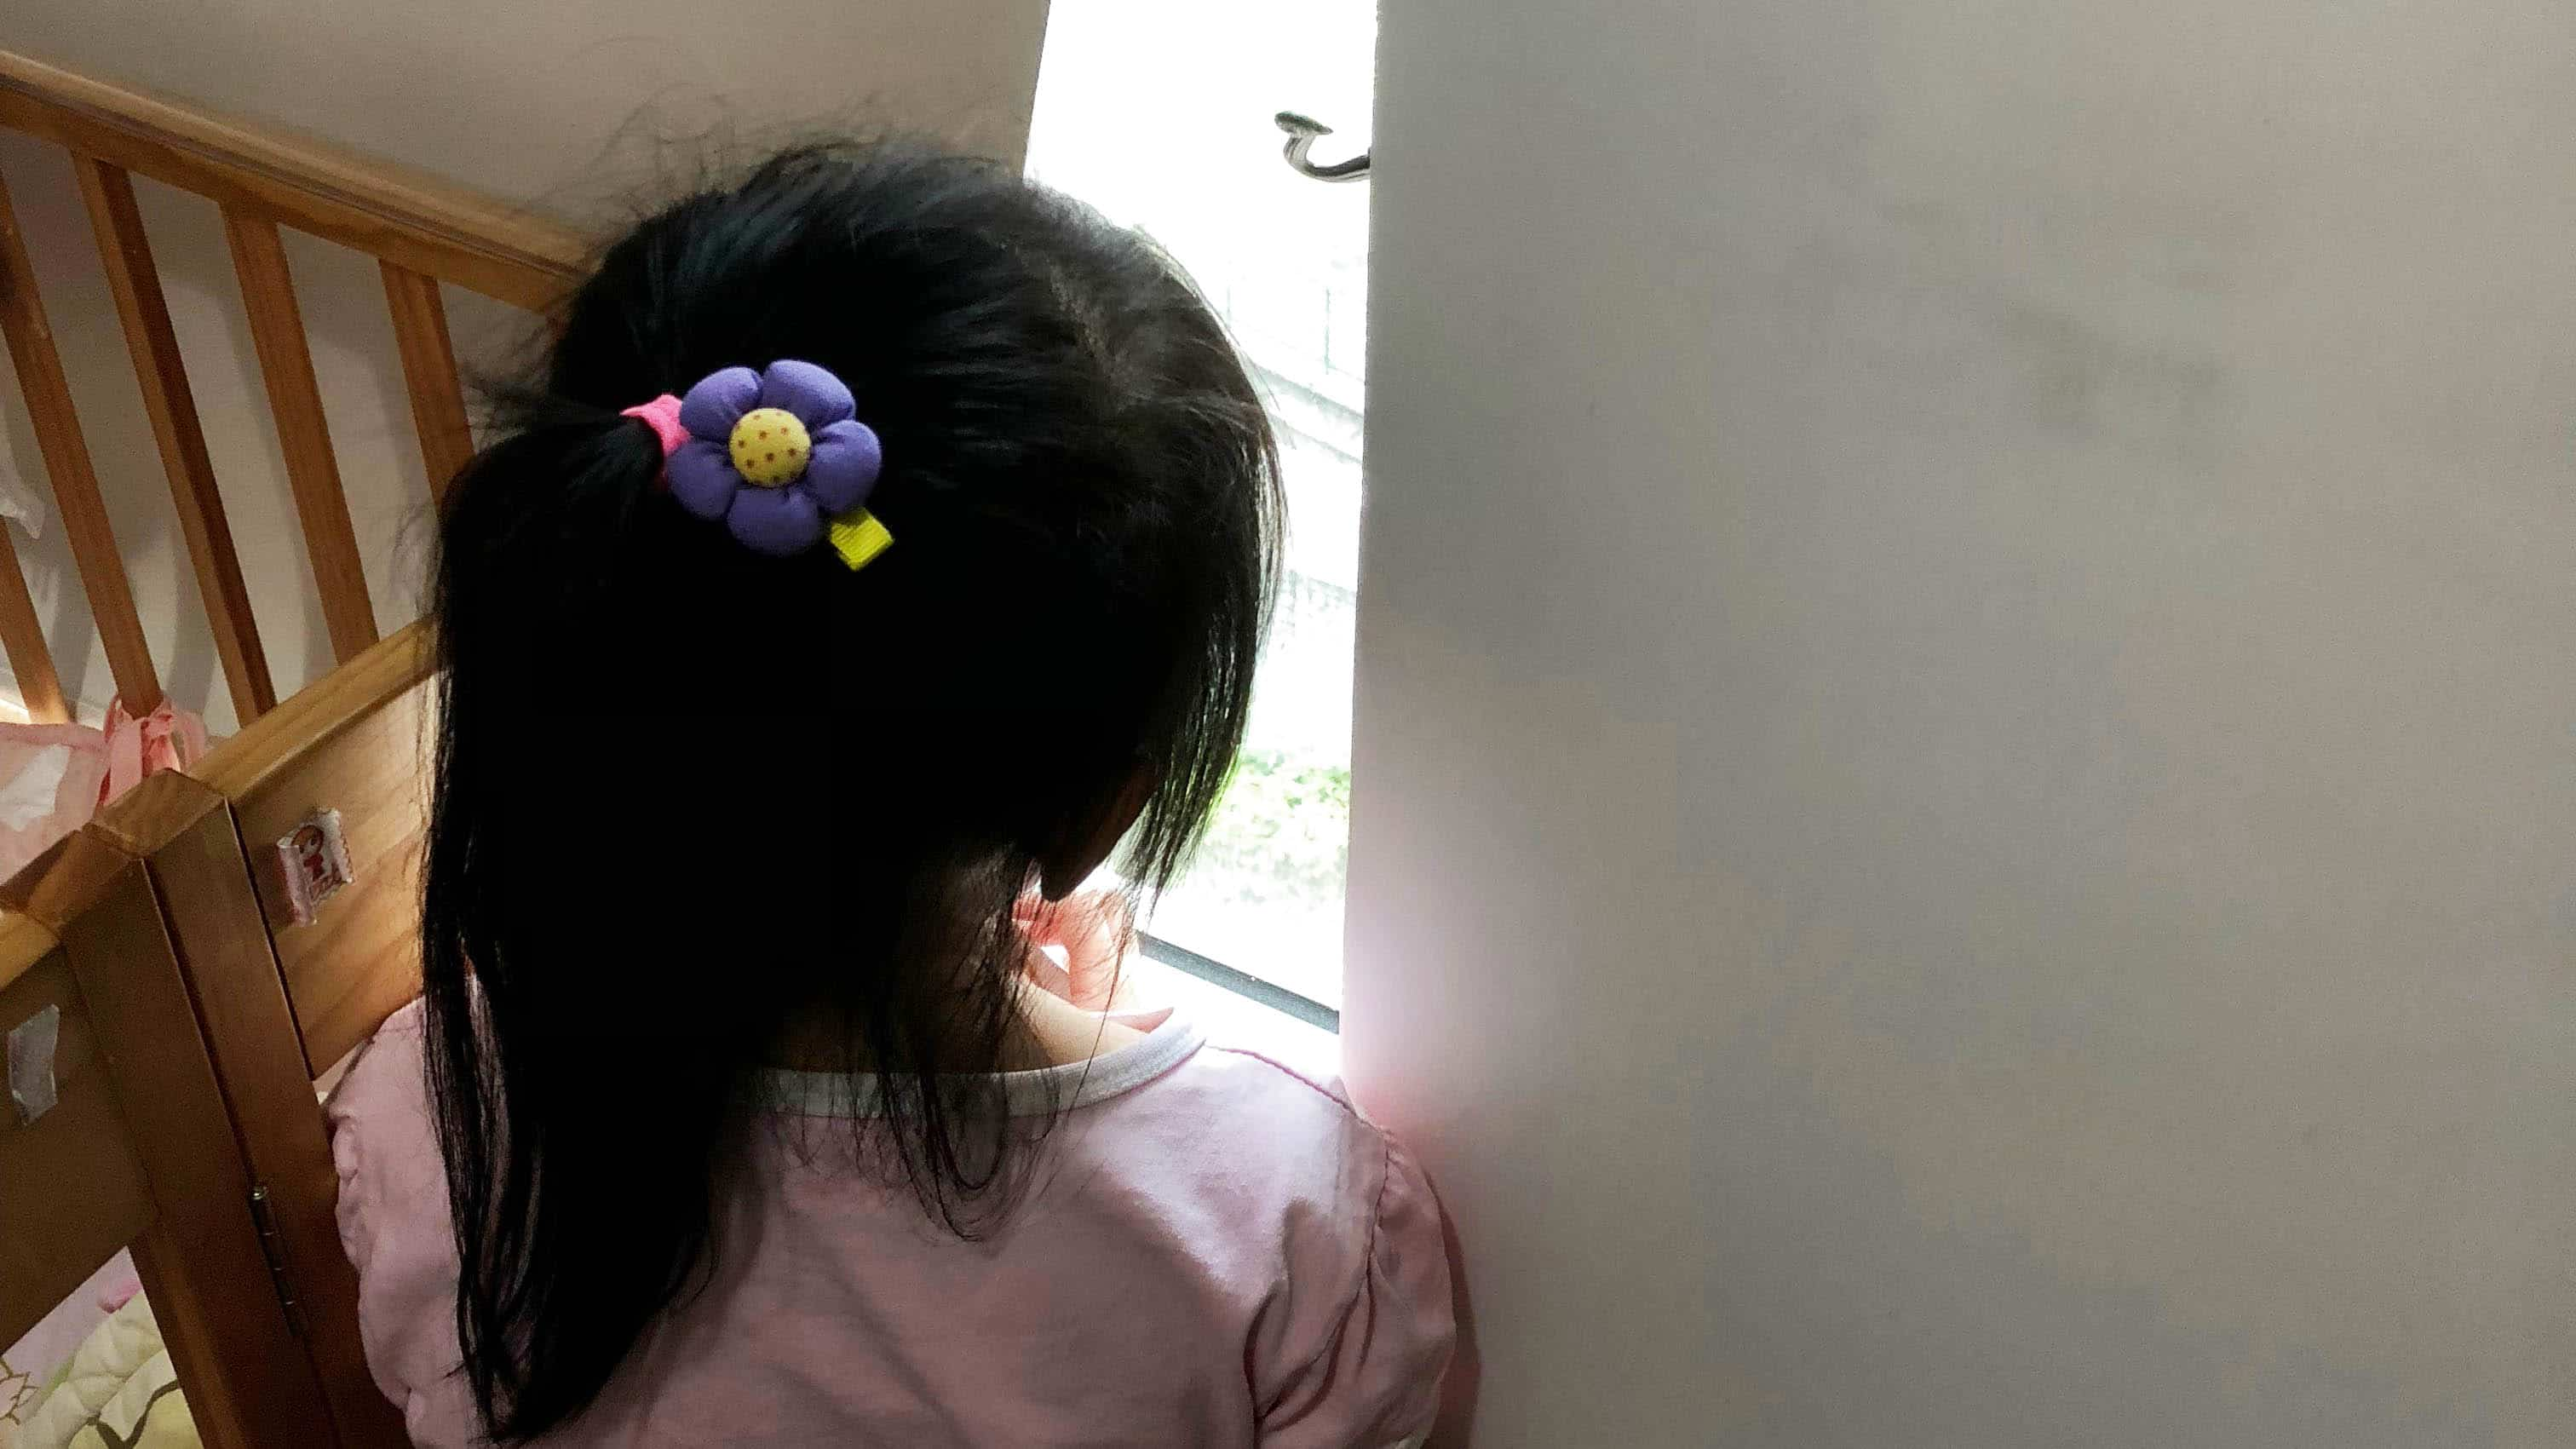 我冤枉了女兒,女兒卻給予我寬容和諒解。